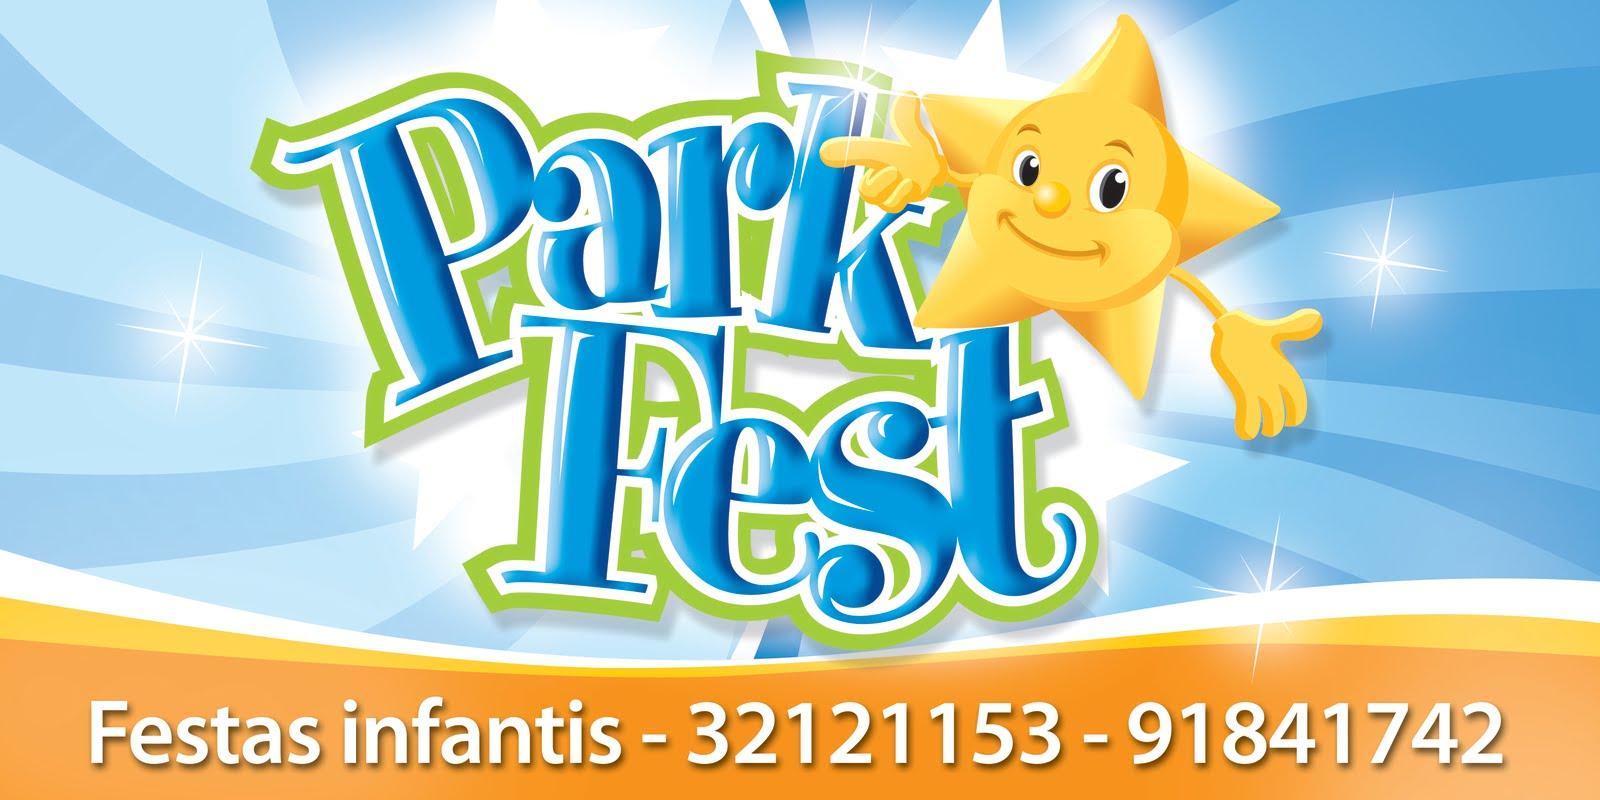 Park Fest - Festas Infantis